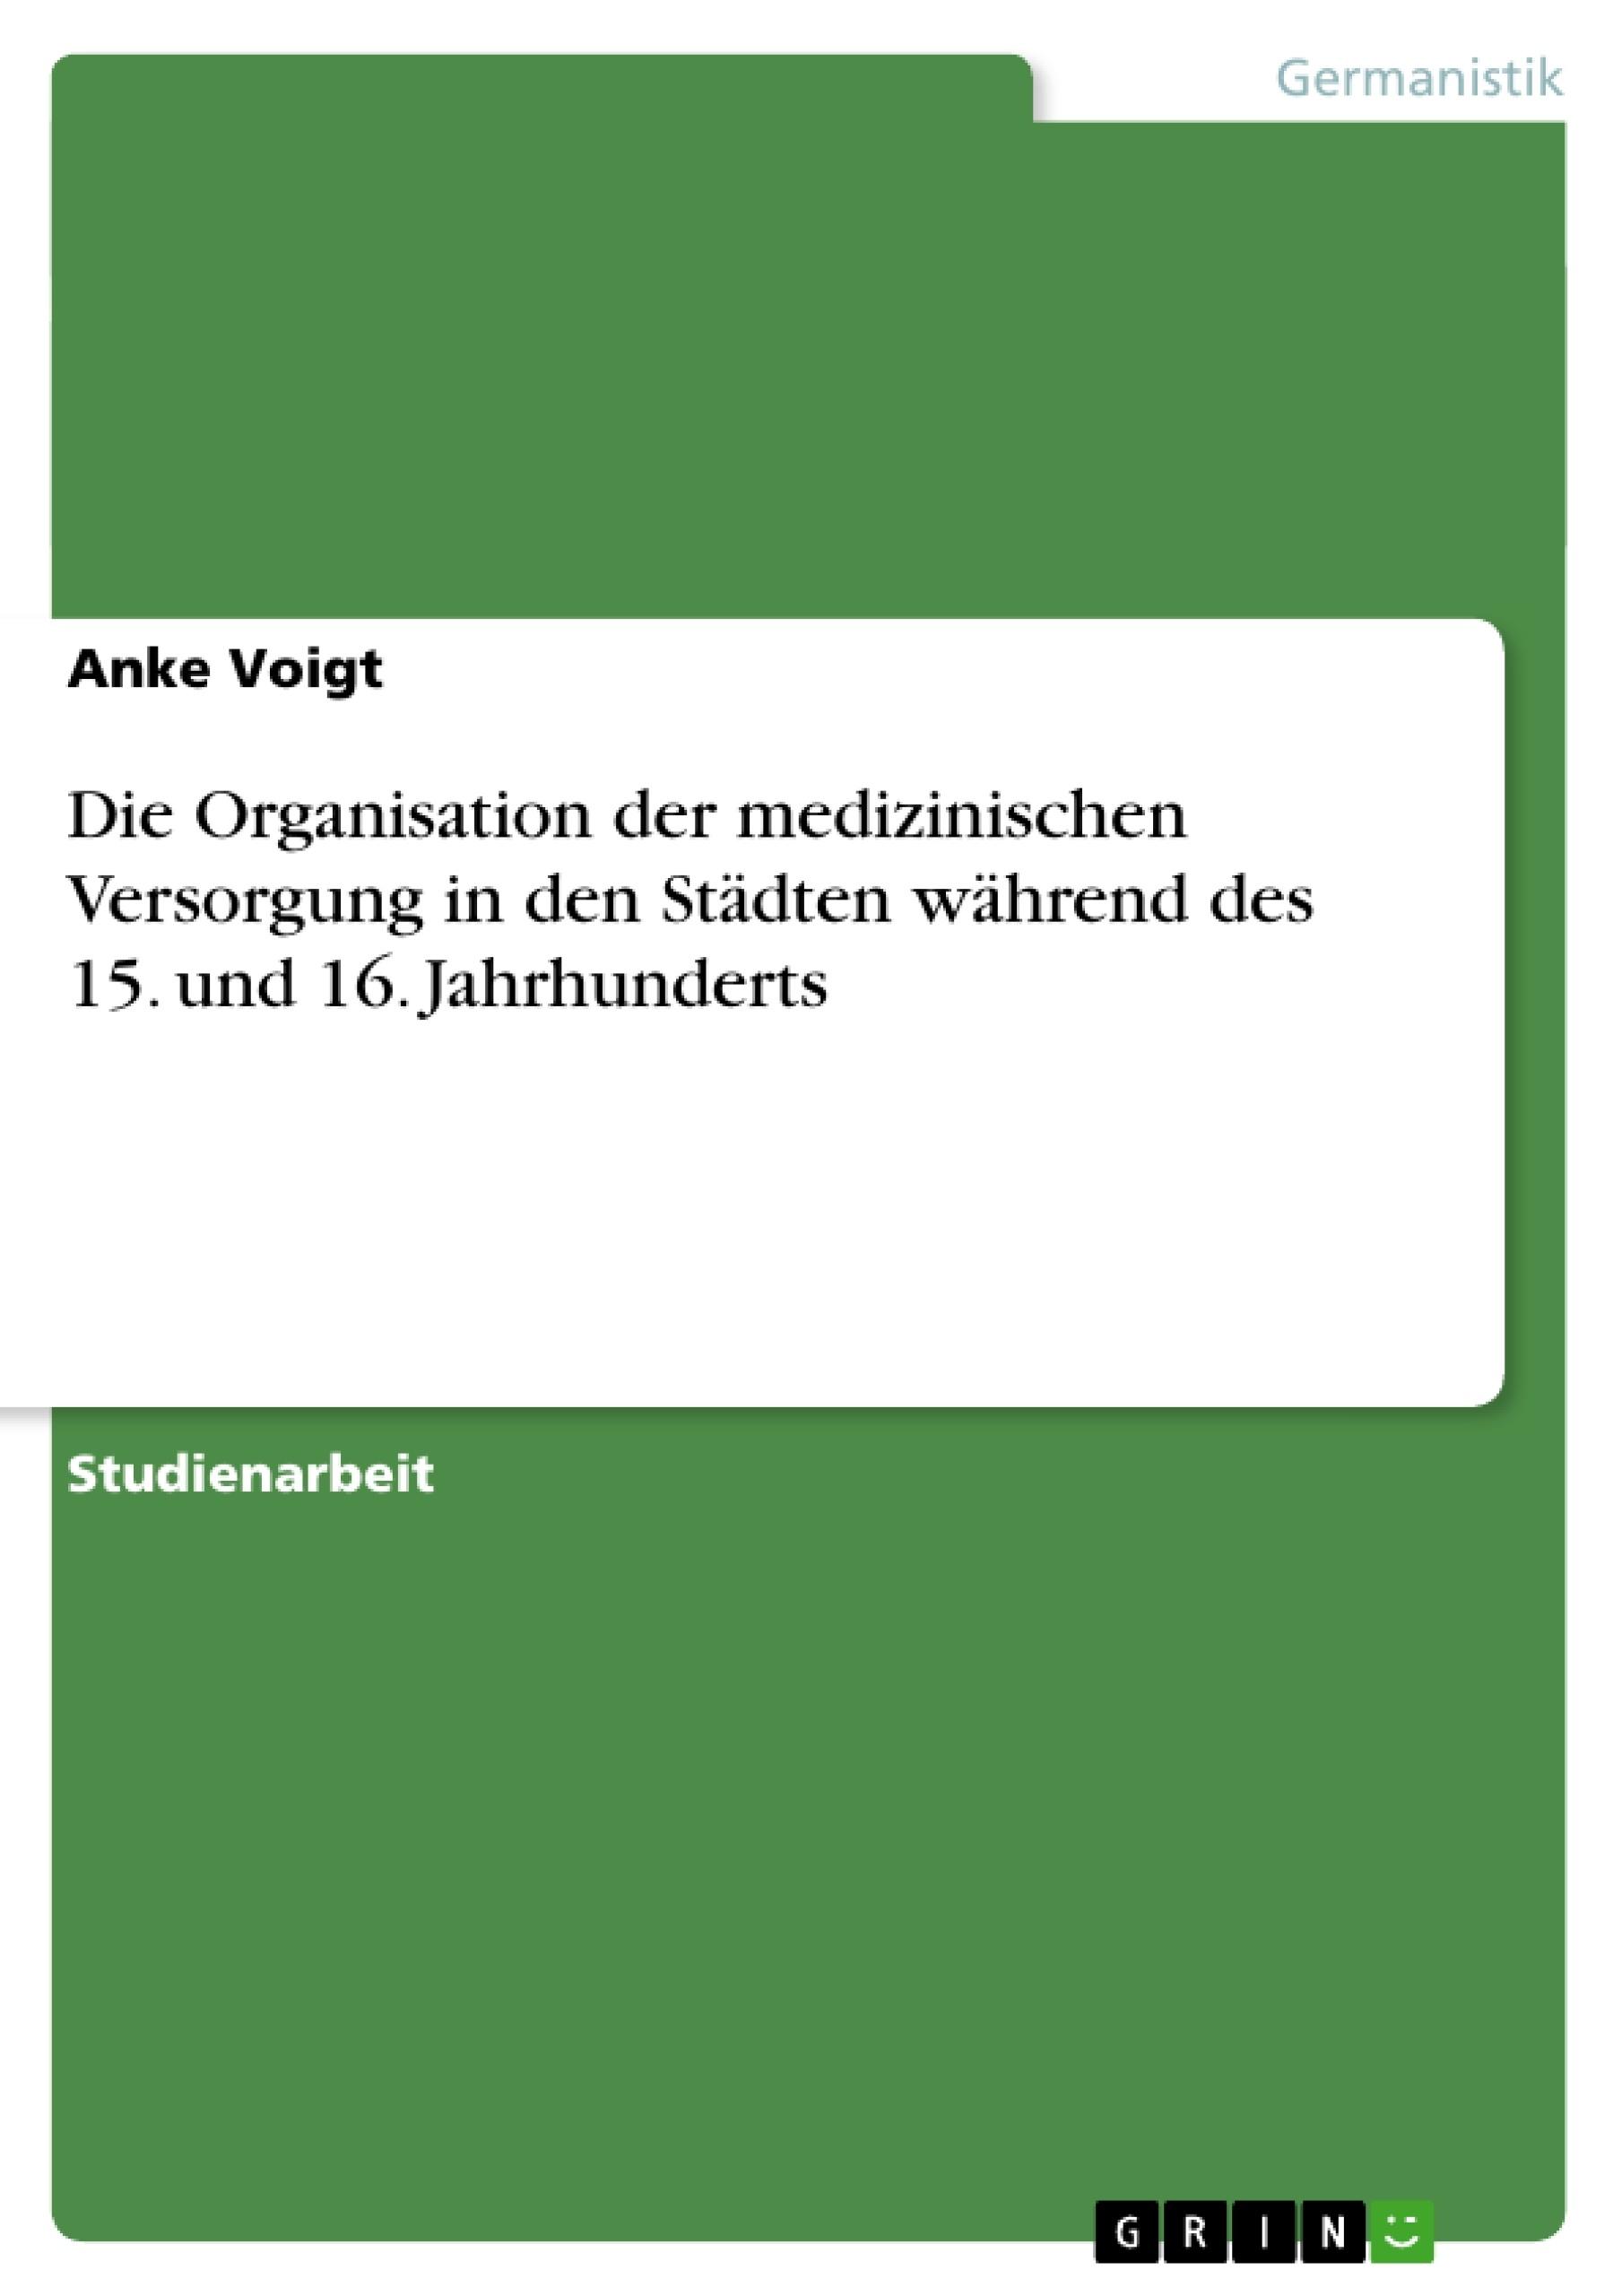 Titel: Die Organisation der medizinischen Versorgung in den Städten während des 15. und 16. Jahrhunderts